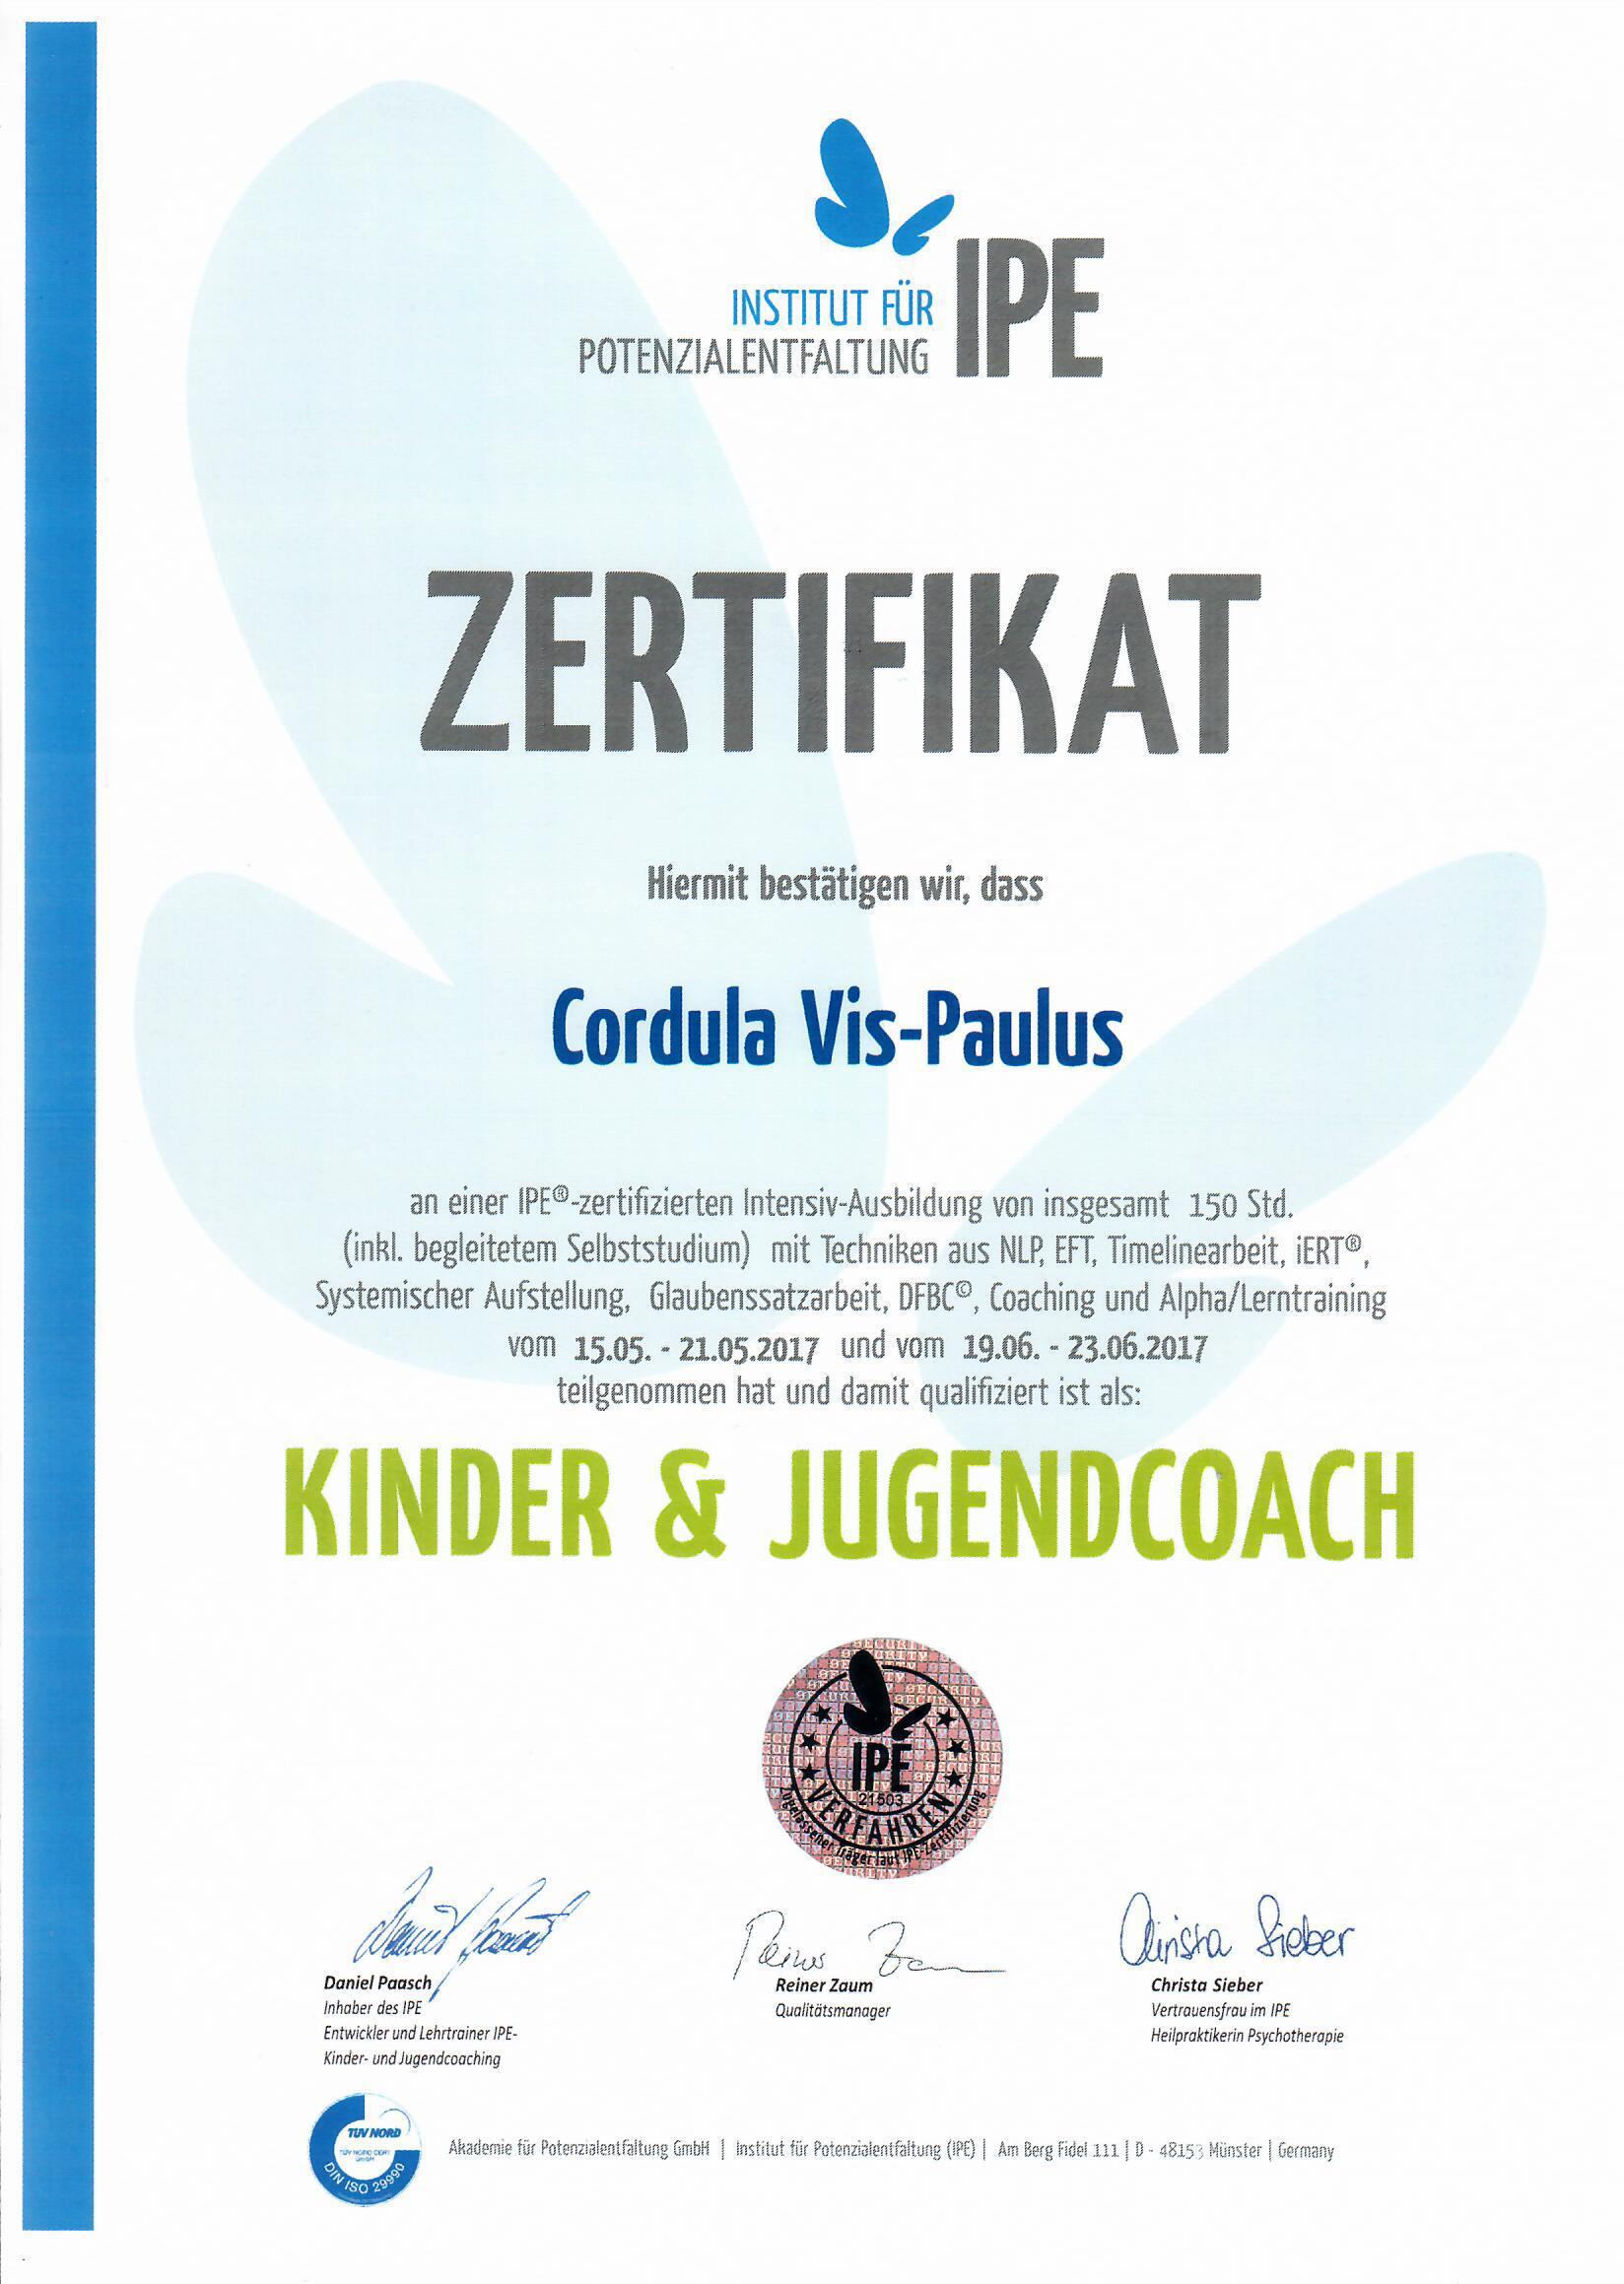 Kinder & Jugendcoach – Institut für Potenzialentfaltung